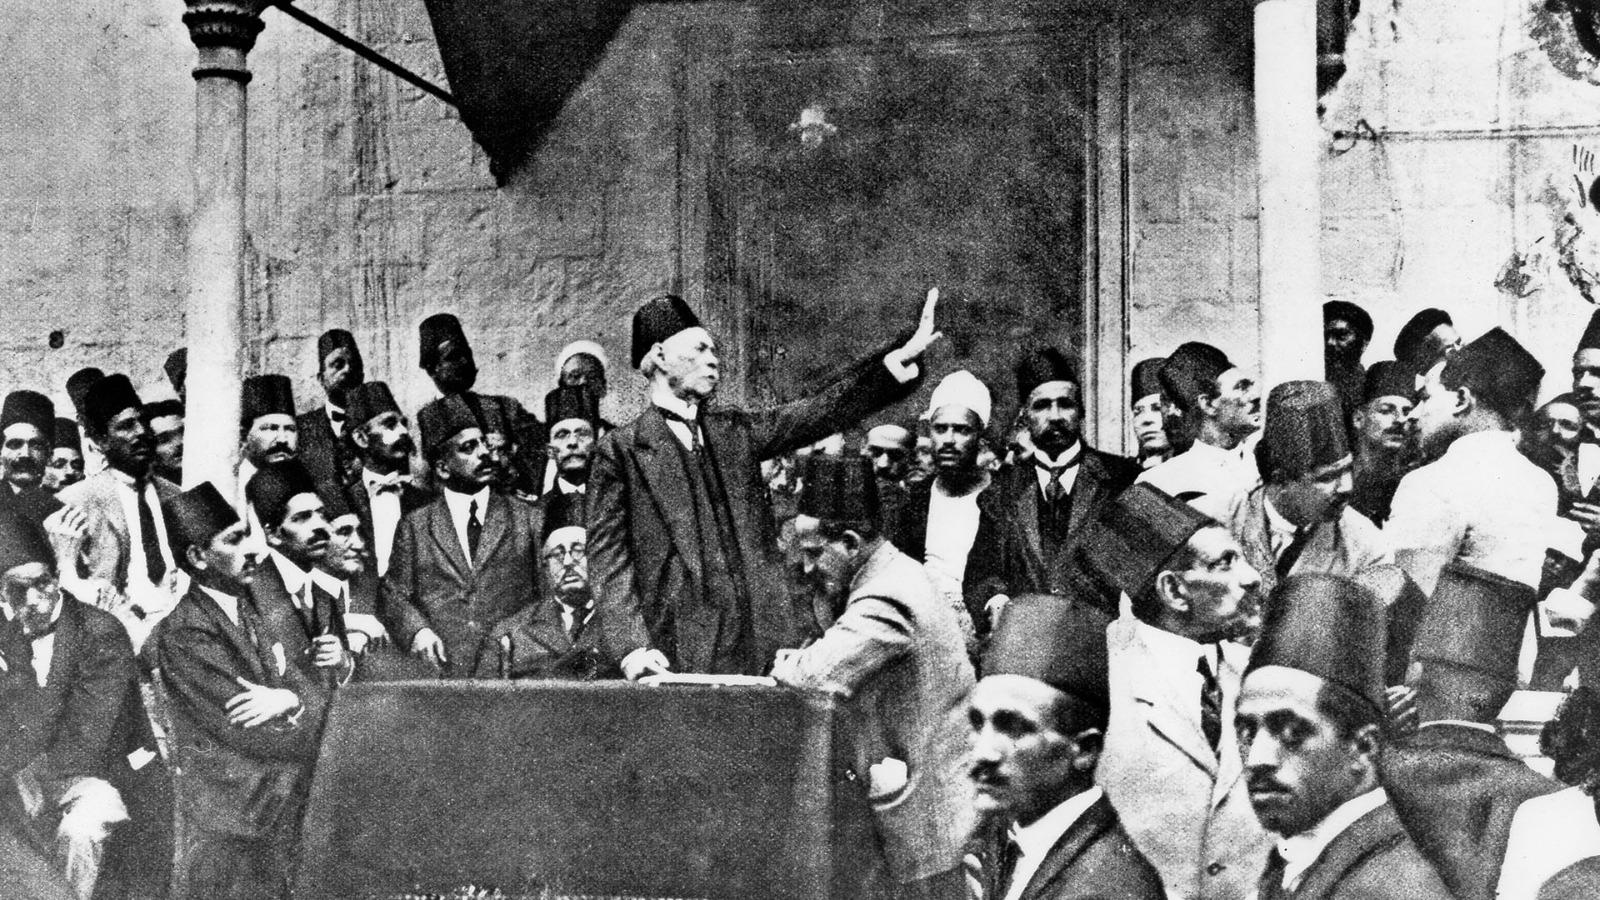 على هامش ذكرى ثورة 1919م – الثورة وانشقاق النخب الوجه الآخر من التاريخ.